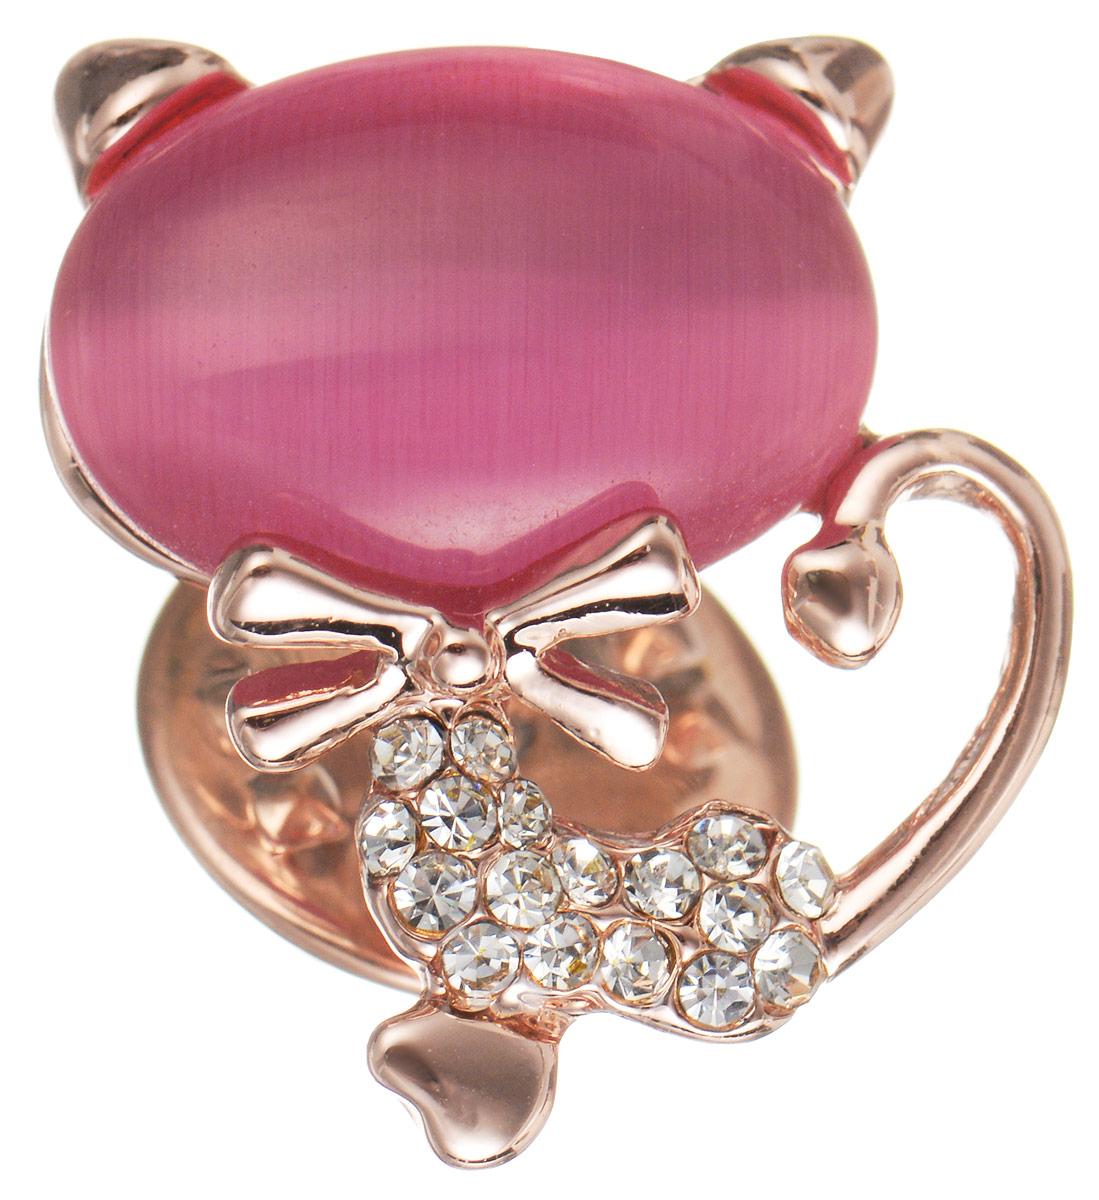 Брошь Art-Silver, цвет: золотистый, розовый. 011418-003-302011418-003-302Эффектная брошь Art-Silver, выполнена в виде кошечки из бижутерного сплава и оформлена стразами и искусственным камнем. Брошь крепится с помощью иголки с замочком. Такая брошь позволит вам с легкостью воплотить самую смелую фантазию и создать собственный, неповторимый образ.